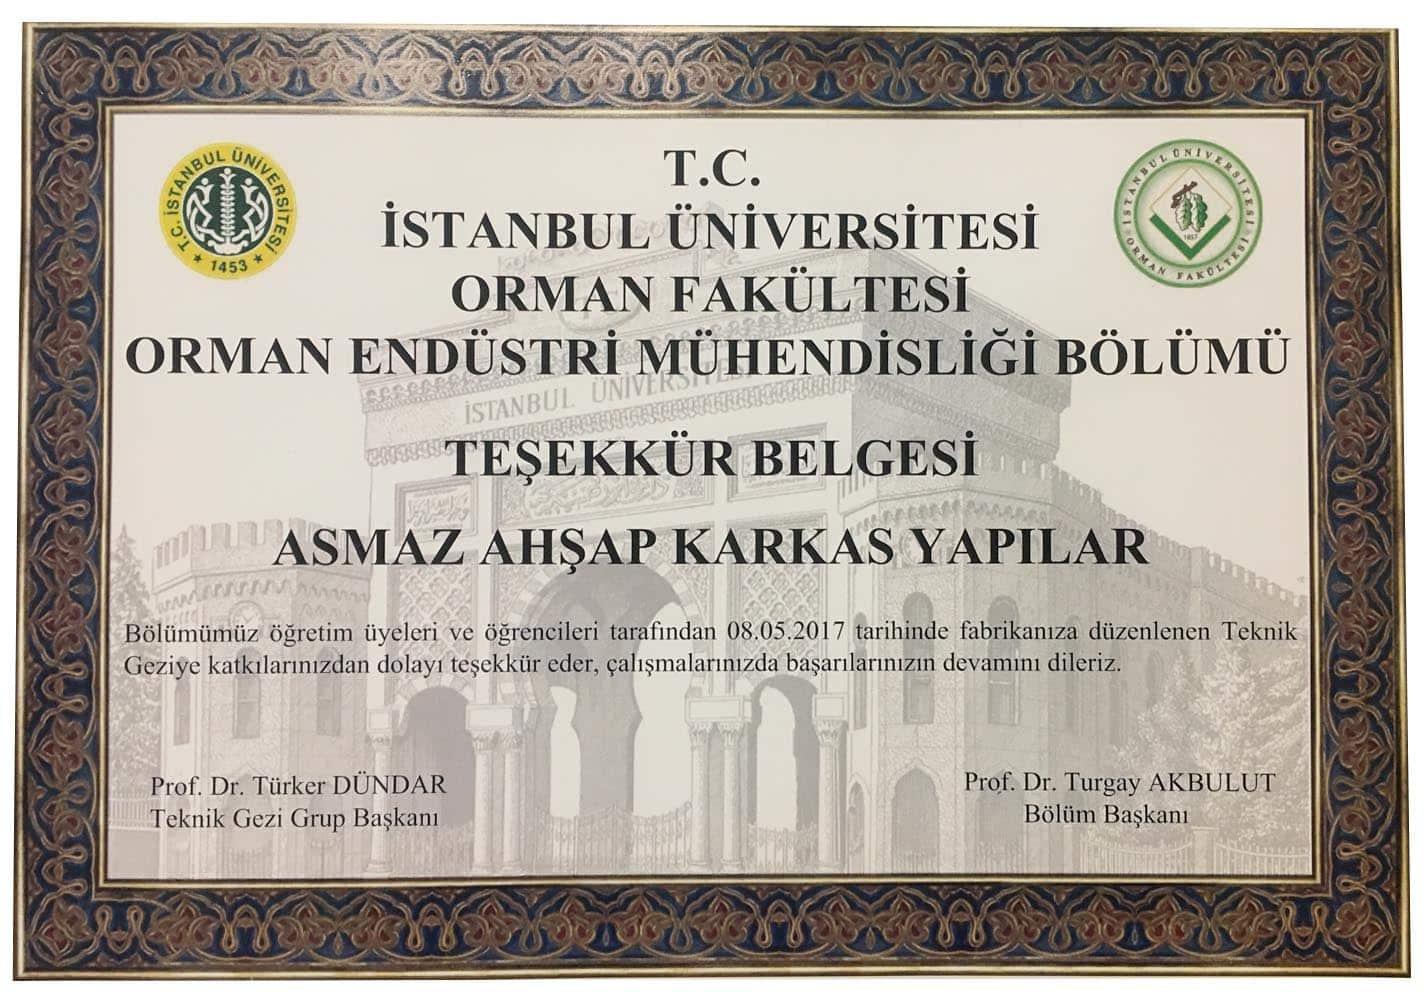 ITU_Teknik_Gezi_06